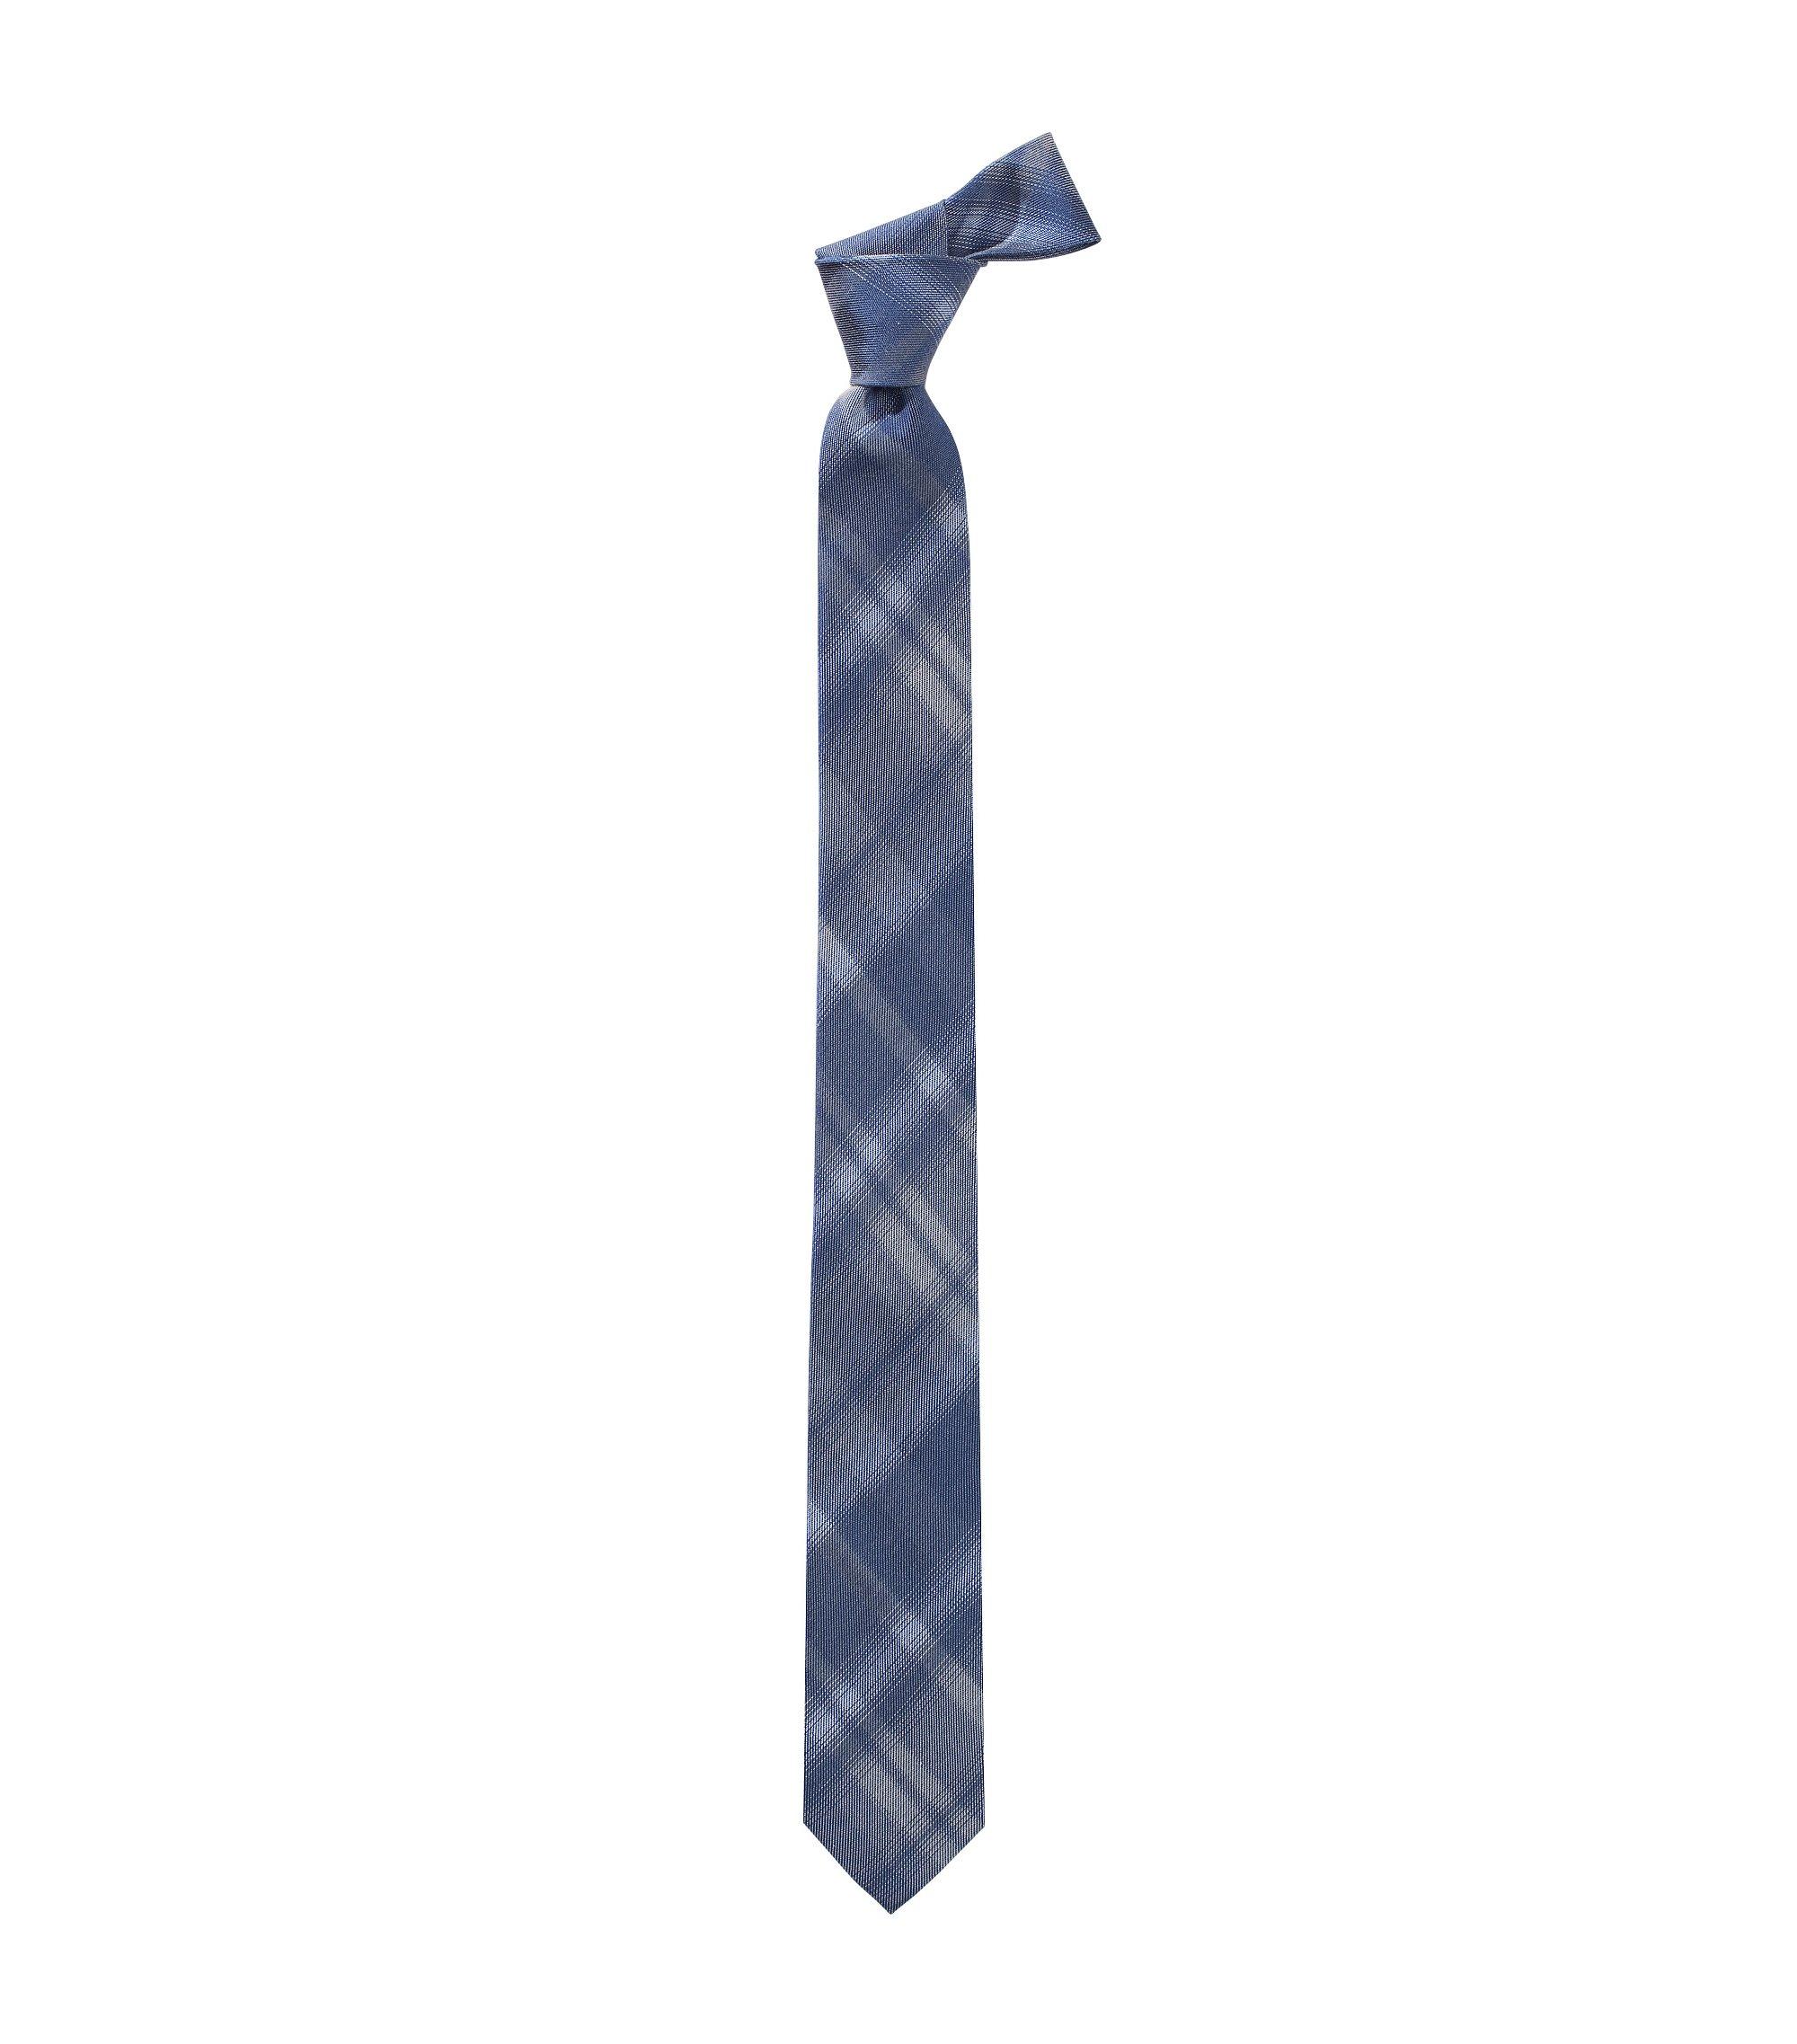 Krawatte ´Tie 6 cm` aus Seiden-Baumwoll Gemisch, Dunkelblau